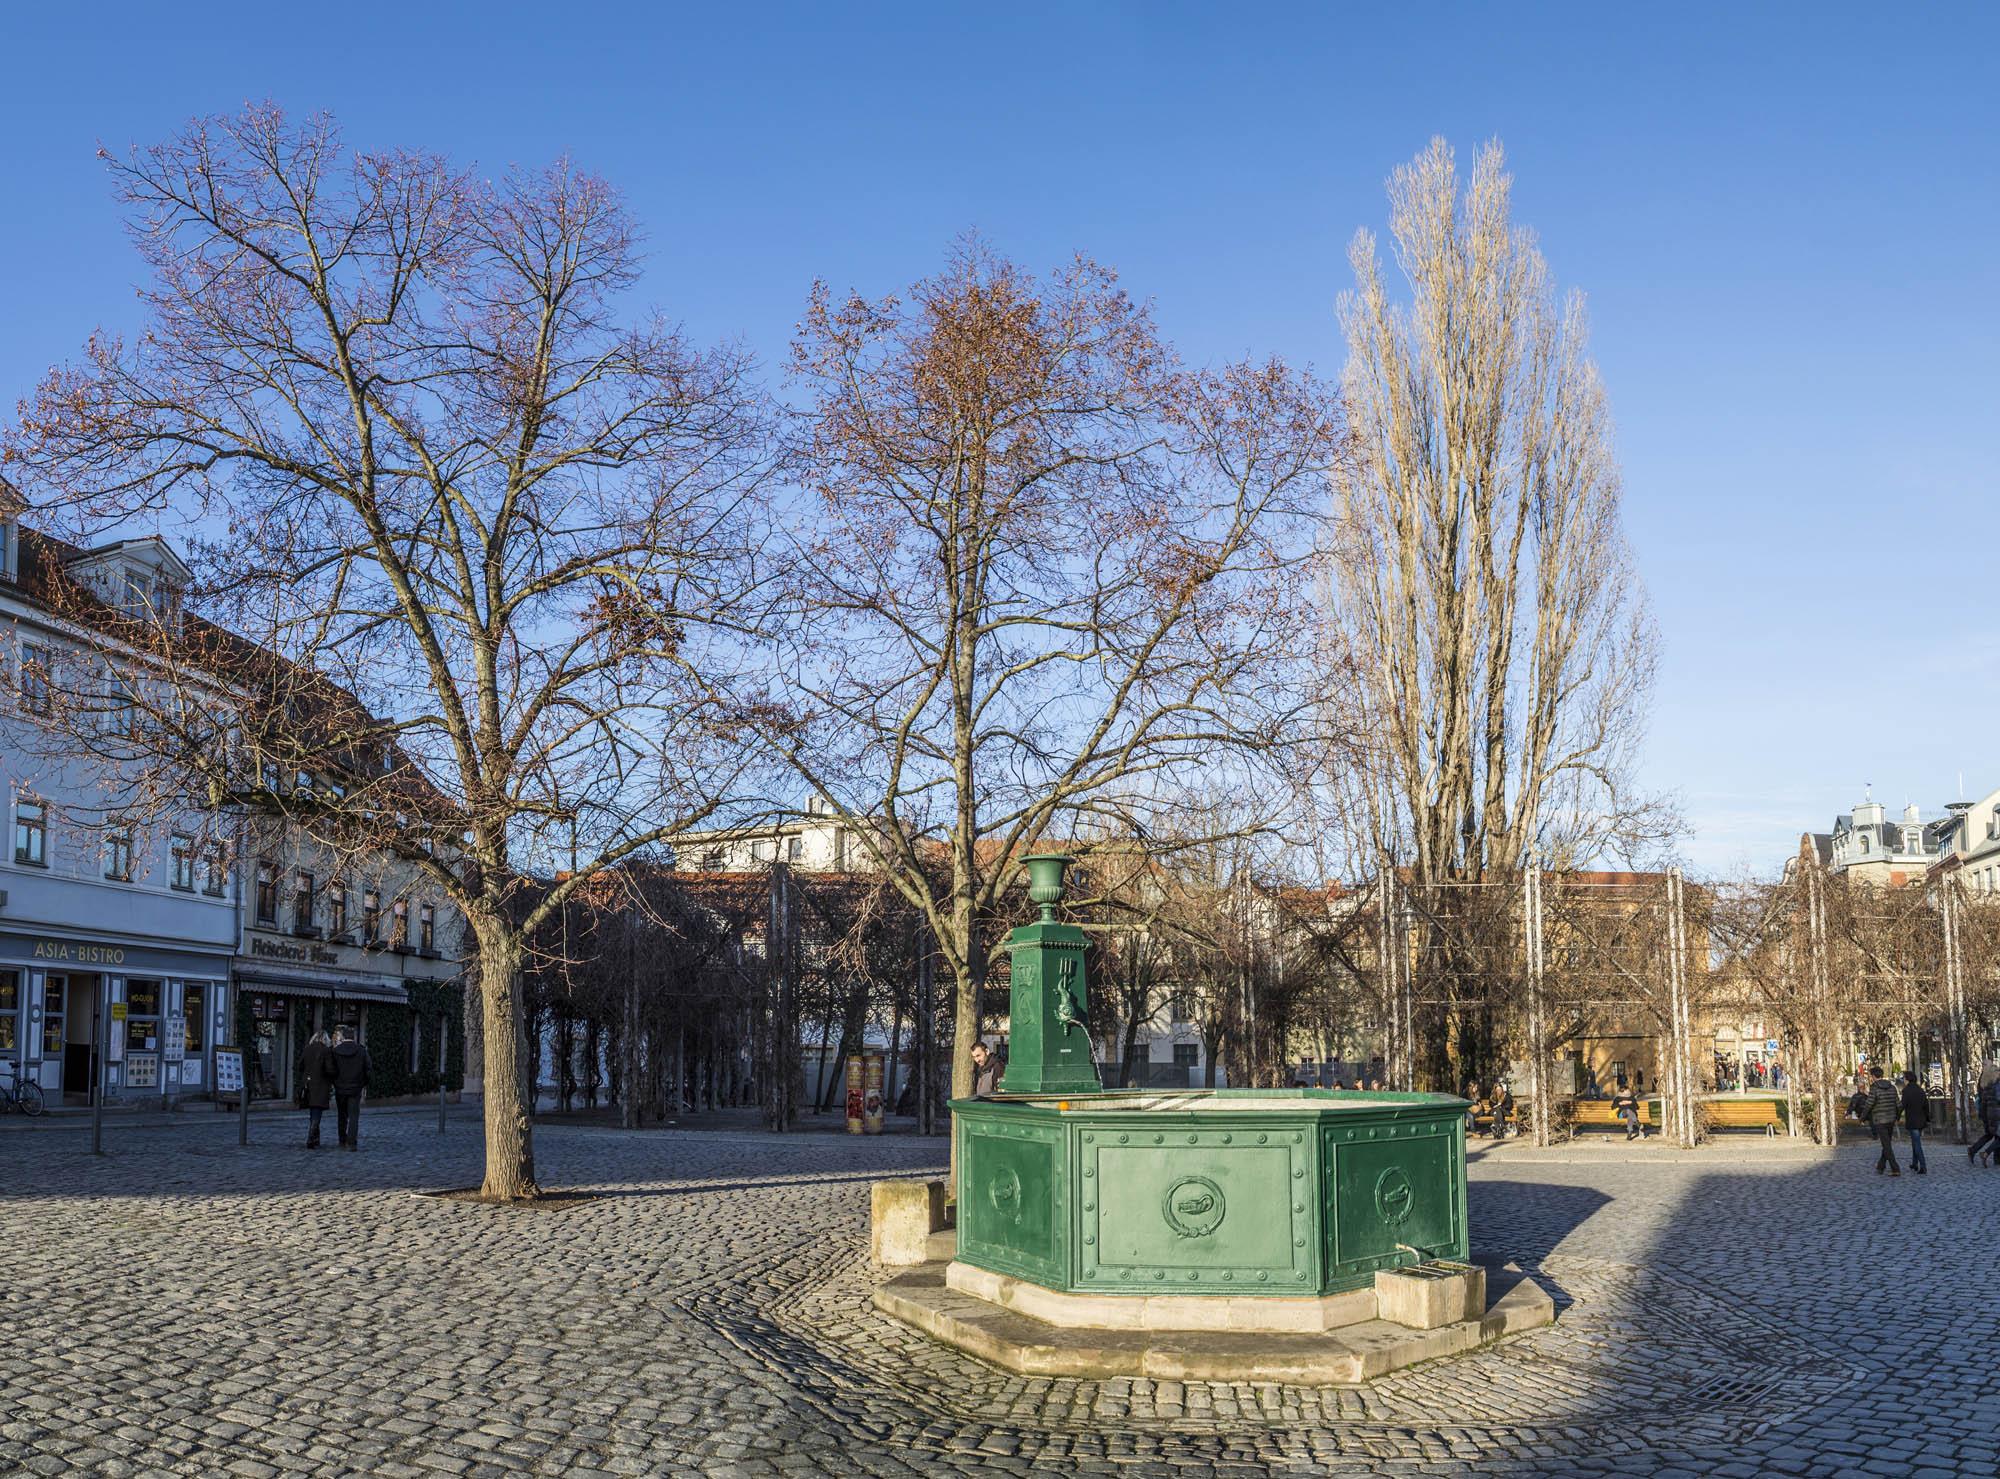 Berühmter Goethe-Brunnen am Frauenplan in Weimar, Deutschland. Goethe verwendete diesen Brunnen, da sein Haus am Frauenplan Quadrat steht— Foto von Hackman